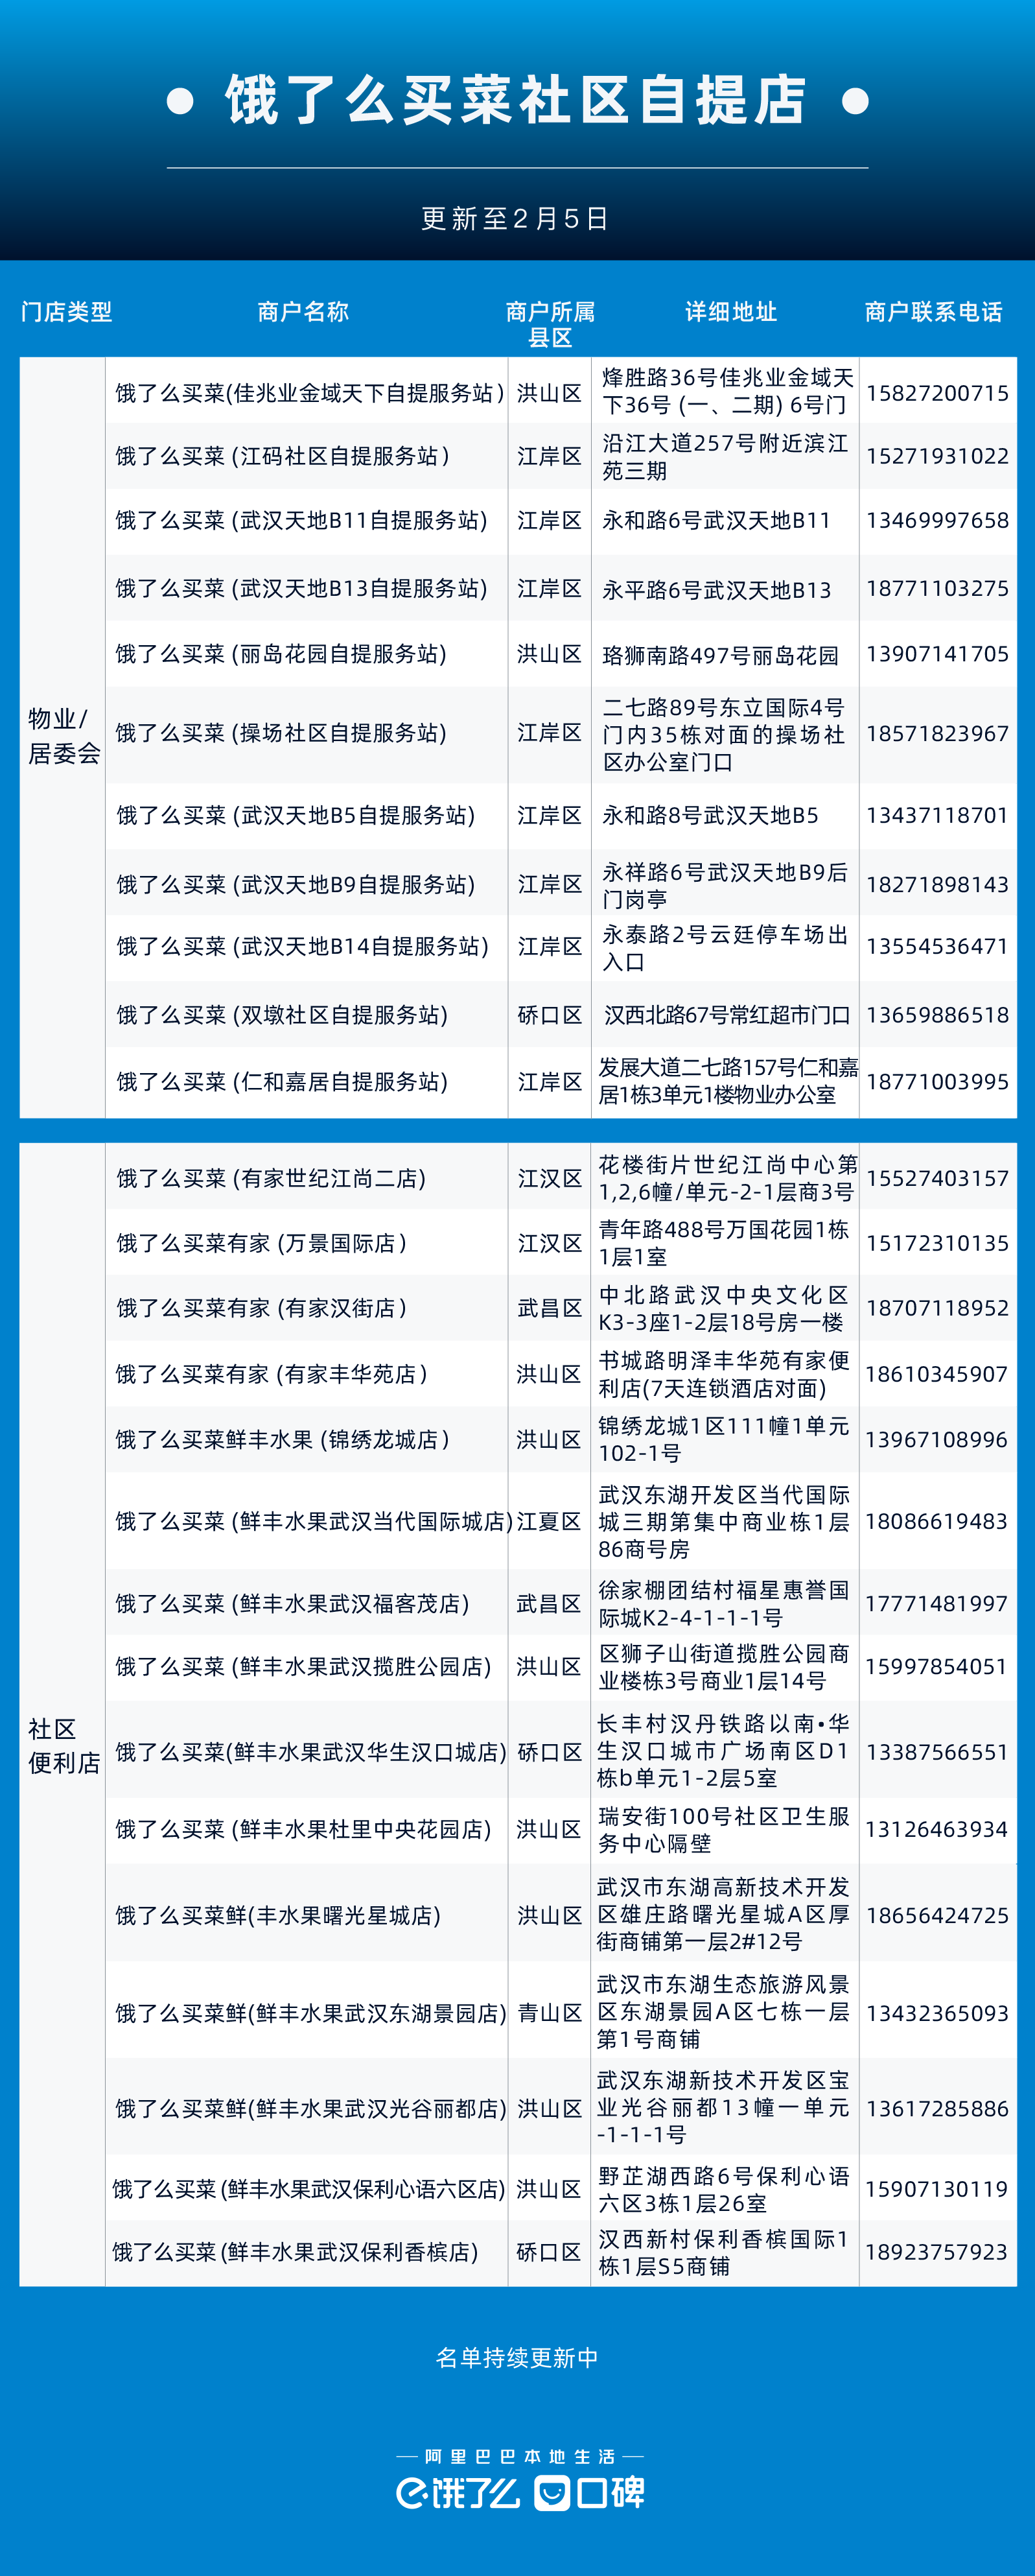 饿了么自提点向社区移动,武汉11社区居民可家门口提菜图片